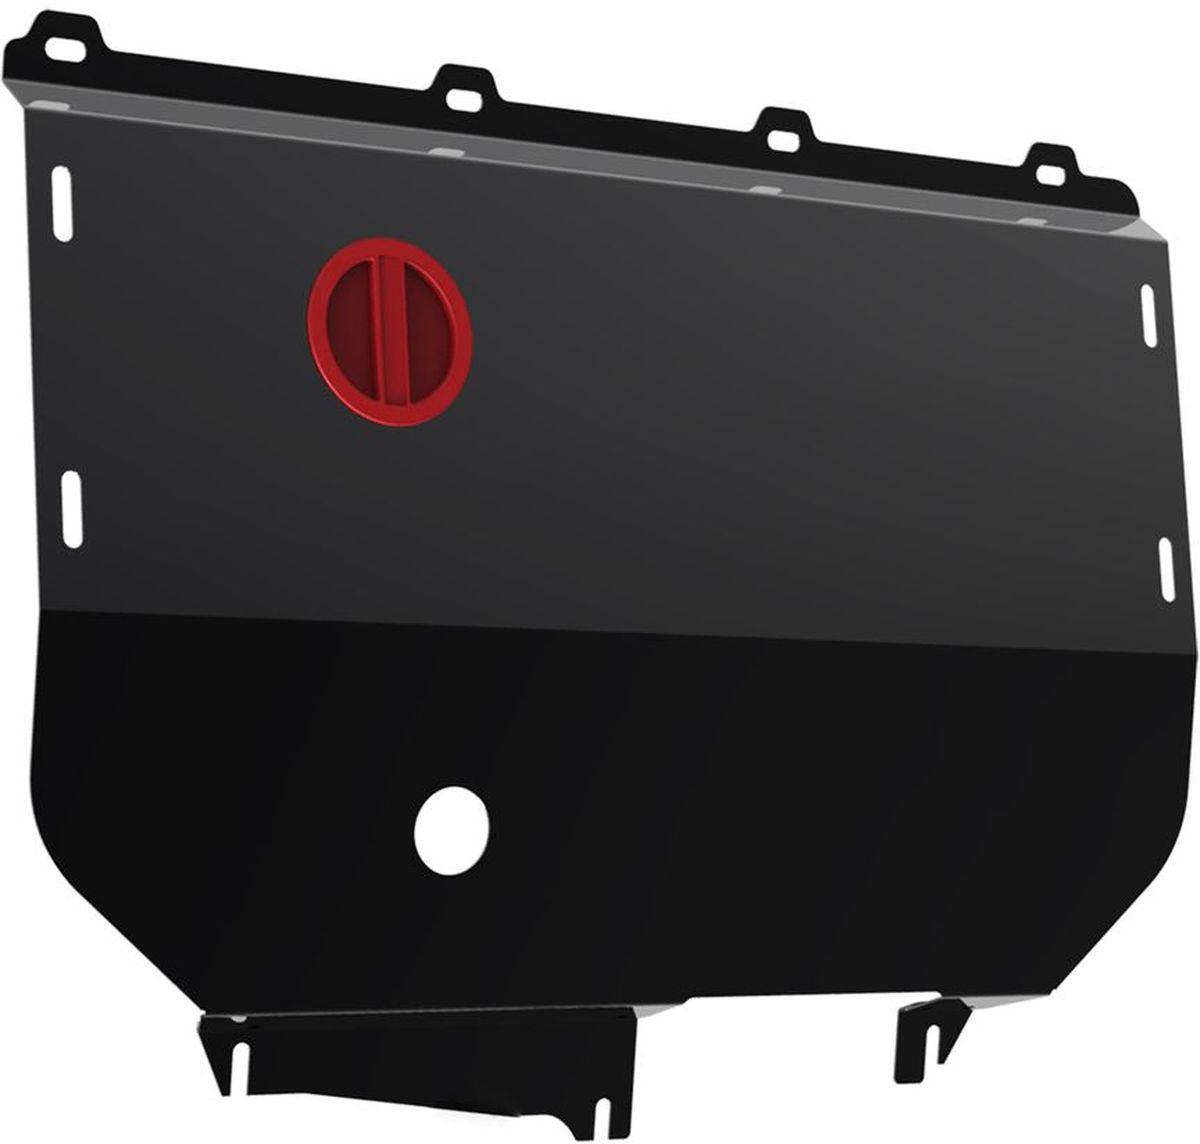 Защита картера и КПП Автоброня Fiat Ducato 2002-2011, сталь 2 мм111.01708.1Защита картера и КПП Автоброня Fiat Ducato картер, V - 2,3 2002-2011, сталь 2 мм, комплект крепежа, 111.01708.1Стальные защиты Автоброня надежно защищают ваш автомобиль от повреждений при наезде на бордюры, выступающие канализационные люки, кромки поврежденного асфальта или при ремонте дорог, не говоря уже о загородных дорогах.- Имеют оптимальное соотношение цена-качество.- Спроектированы с учетом особенностей автомобиля, что делает установку удобной.- Защита устанавливается в штатные места кузова автомобиля.- Является надежной защитой для важных элементов на протяжении долгих лет.- Глубокий штамп дополнительно усиливает конструкцию защиты.- Подштамповка в местах крепления защищает крепеж от срезания.- Технологические отверстия там, где они необходимы для смены масла и слива воды, оборудованные заглушками, закрепленными на защите.Толщина стали 2 мм.В комплекте крепеж и инструкция по установке.